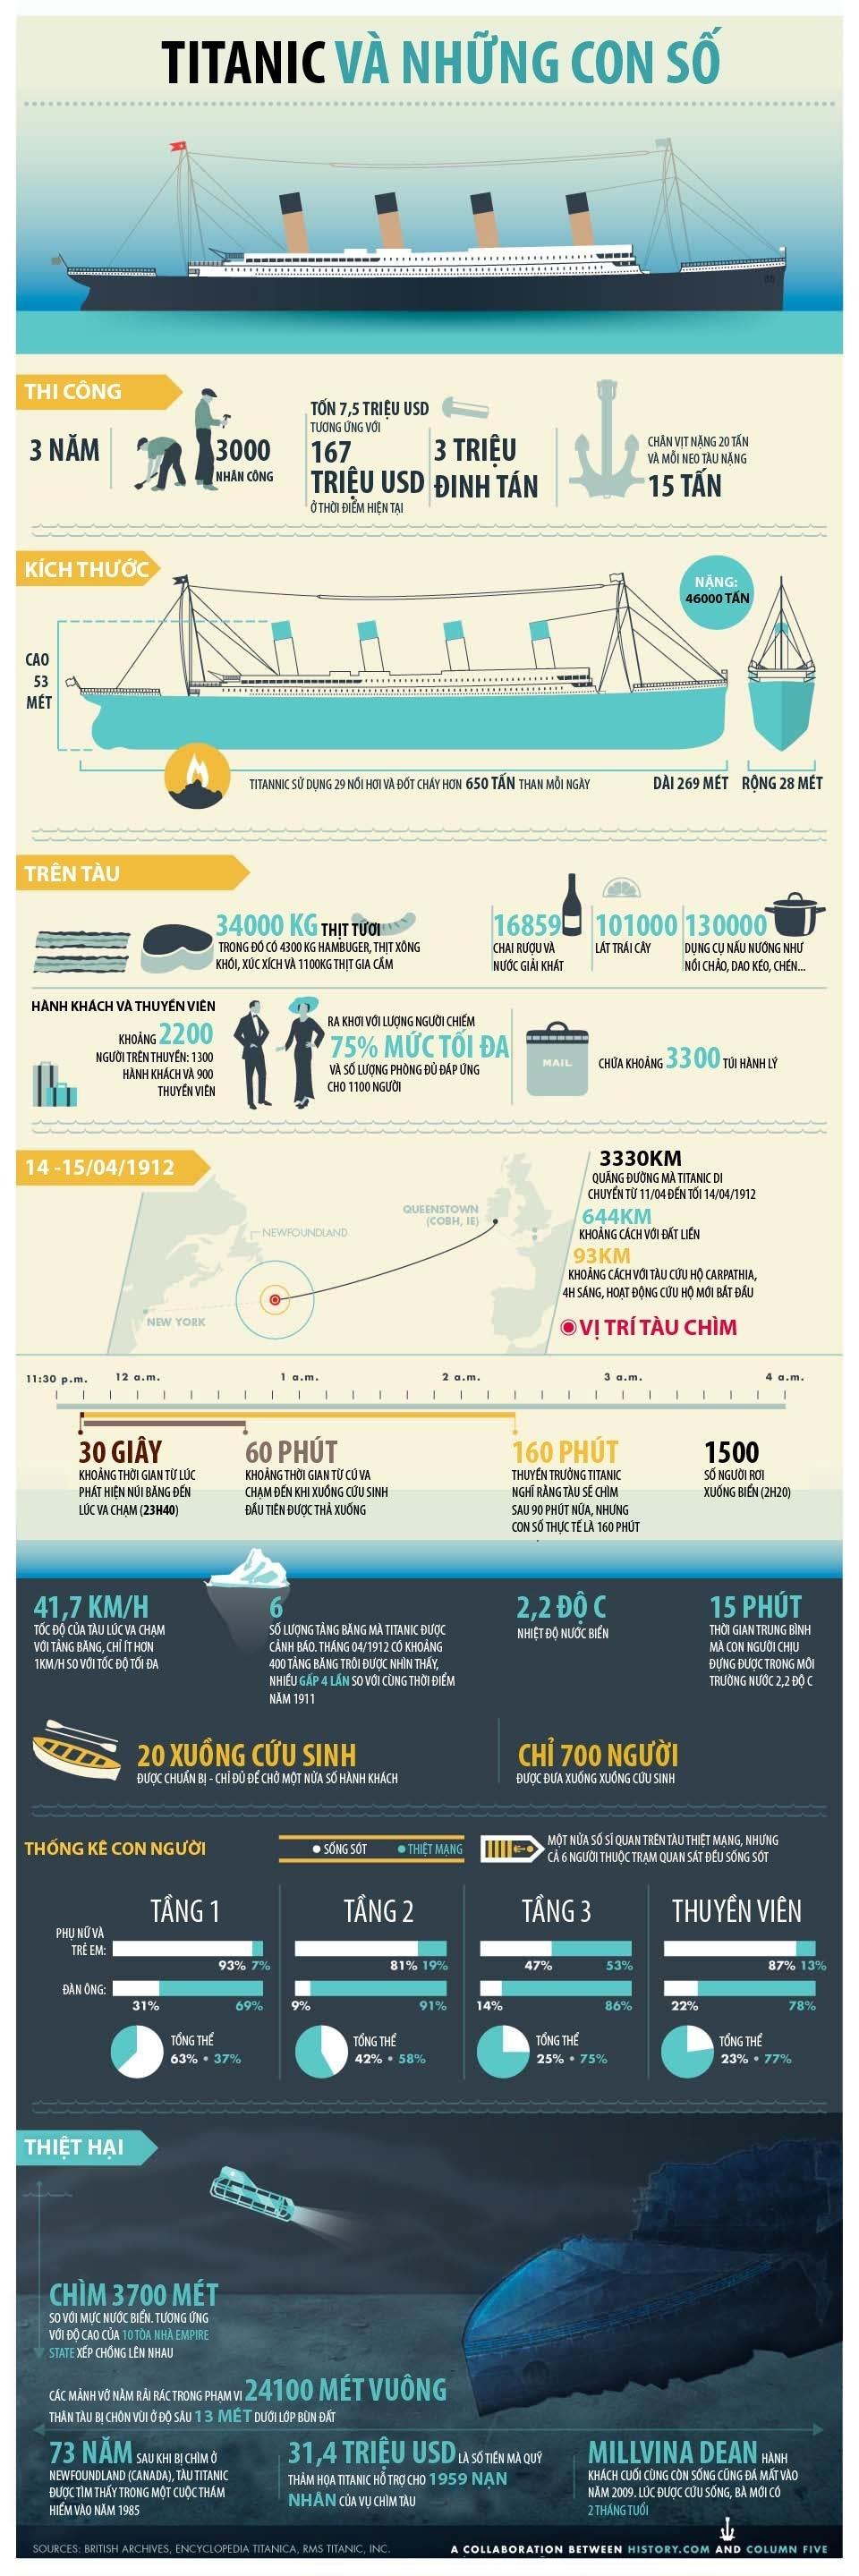 [Infographic] Những con số ấn tượng về tàu Titanic